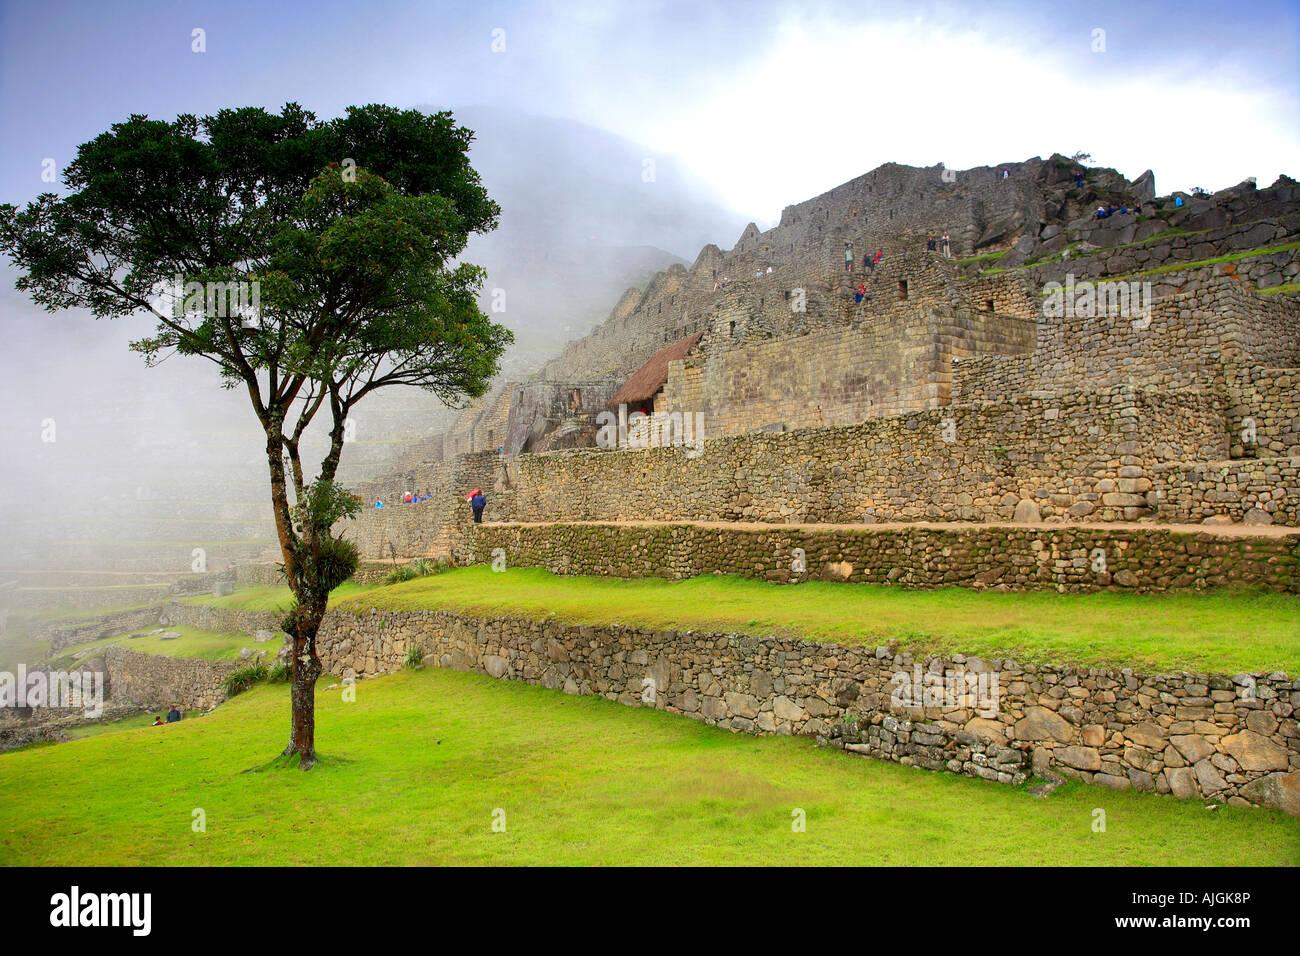 Albero nella nebbia mattutina del settore urbano del sito Patrimonio Mondiale dell'UNESCO Machu Picchu Perù Immagini Stock